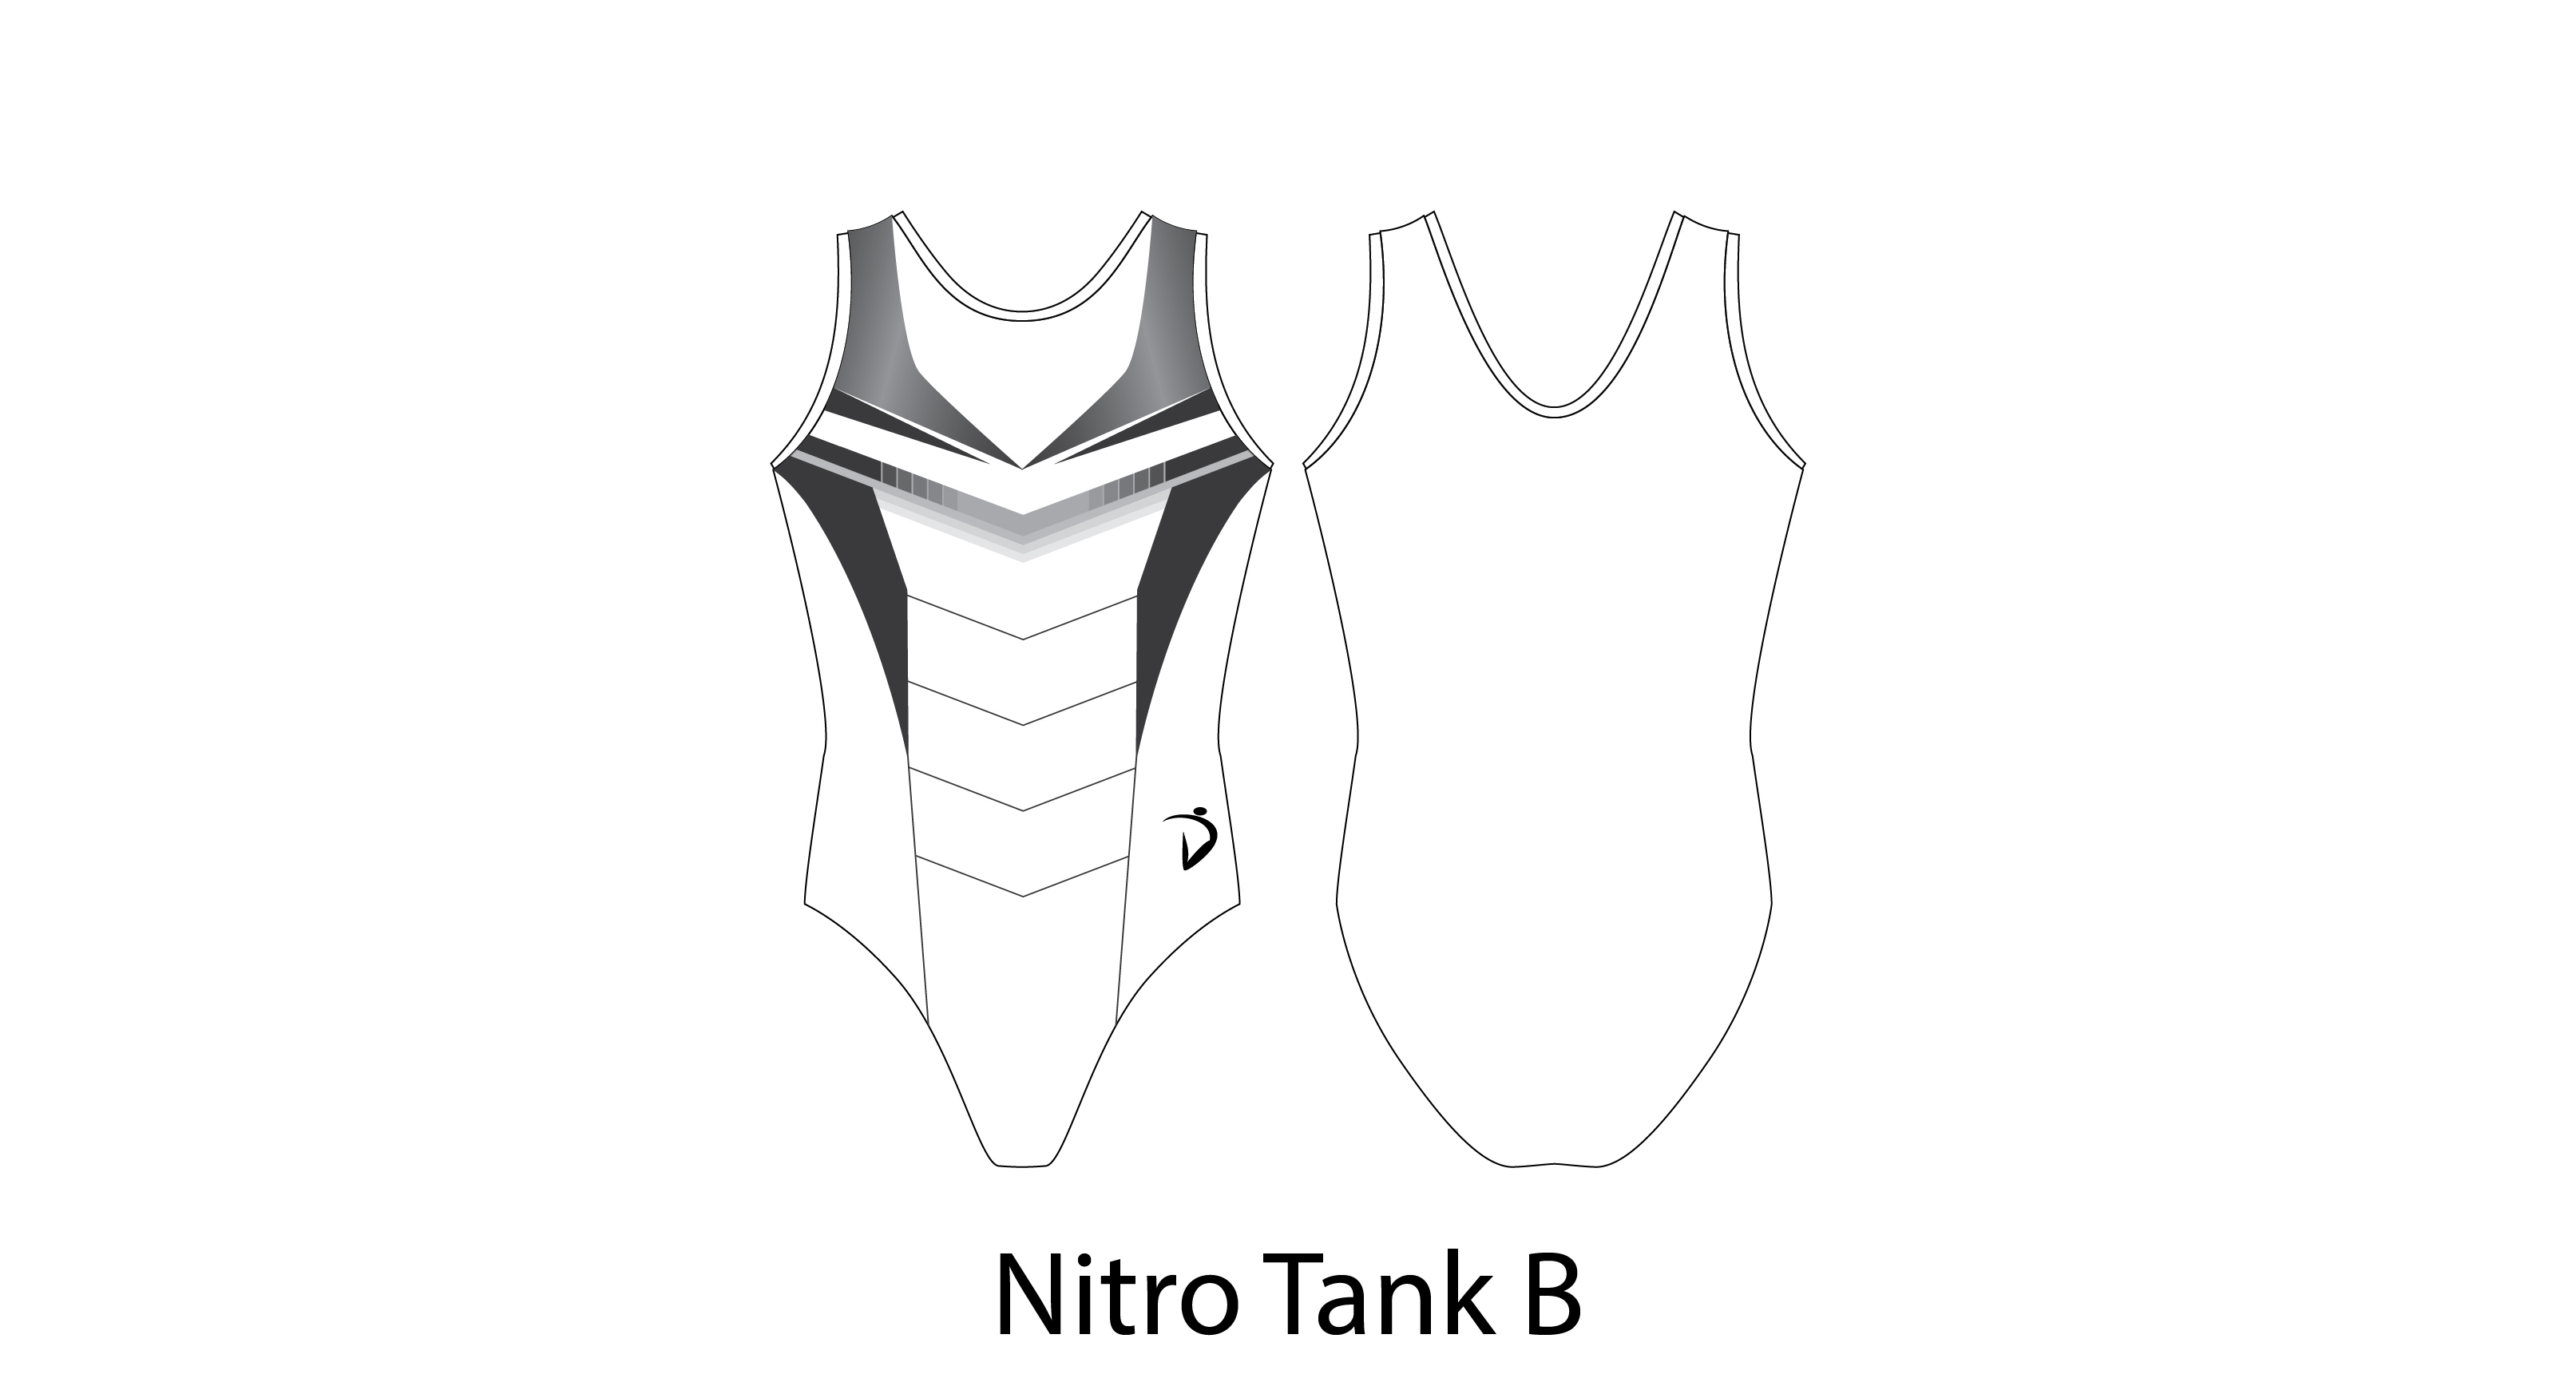 Nitro Tank B